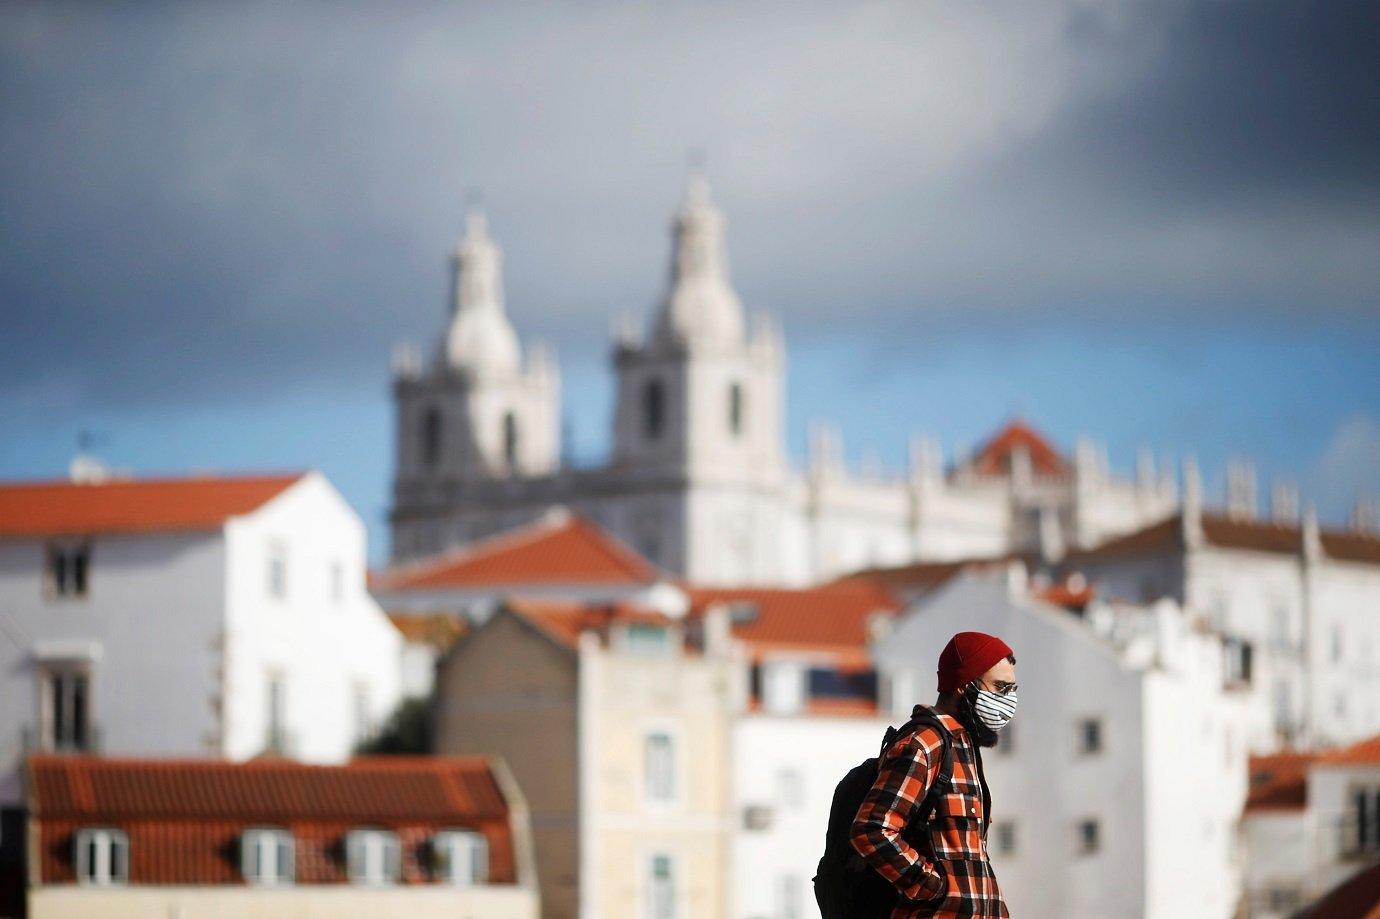 Portugal derruba uso de máscara nas ruas após vacinar 80% da população